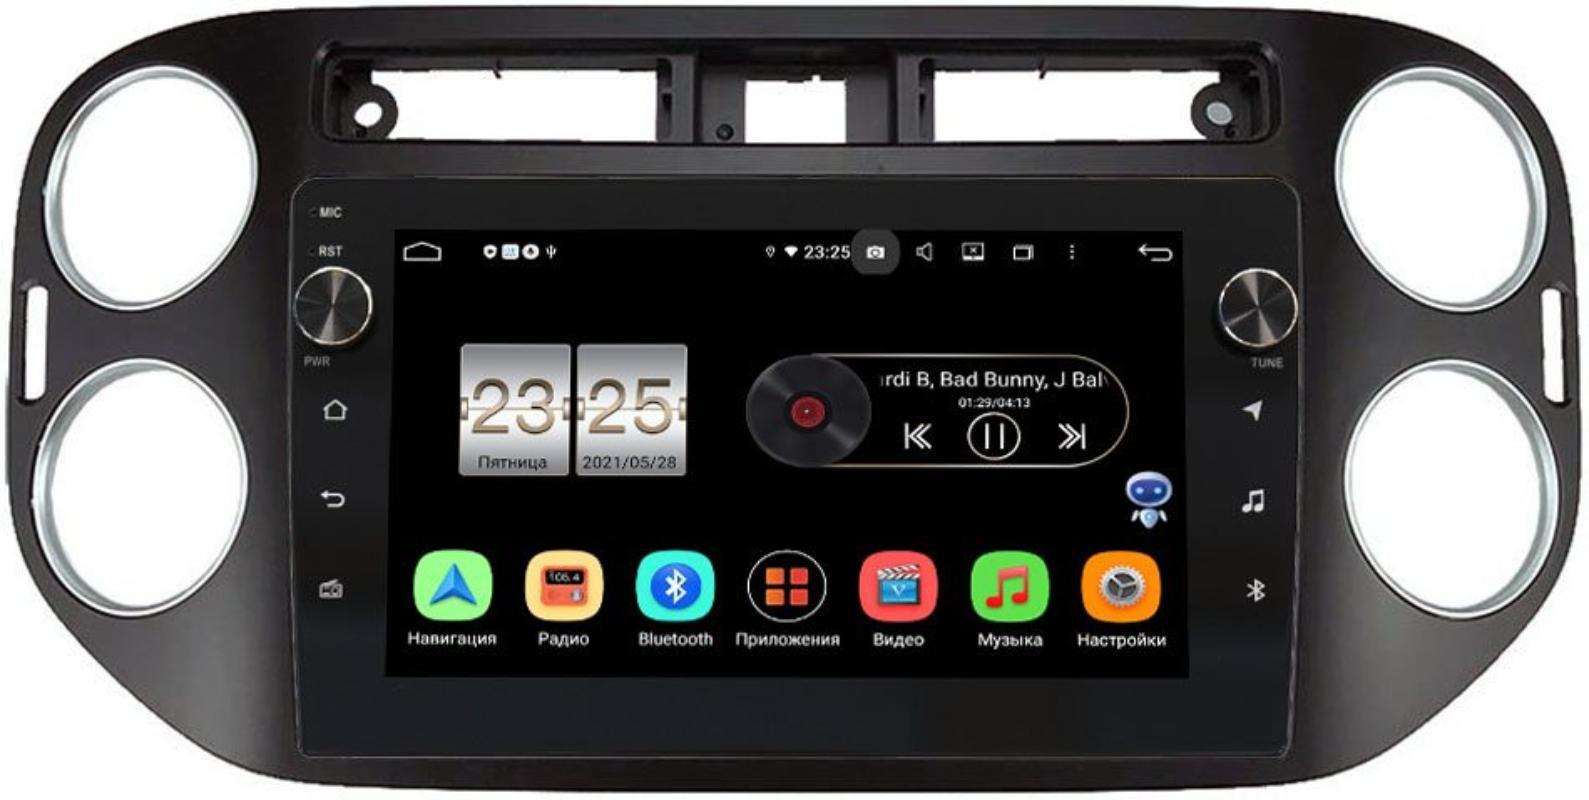 Штатная магнитола Volkswagen Tiguan 2011-2016 LeTrun BPX409-1042 на Android 10 (4/32, DSP, IPS, с голосовым ассистентом, с крутилками) (+ Камера заднего вида в подарок!)